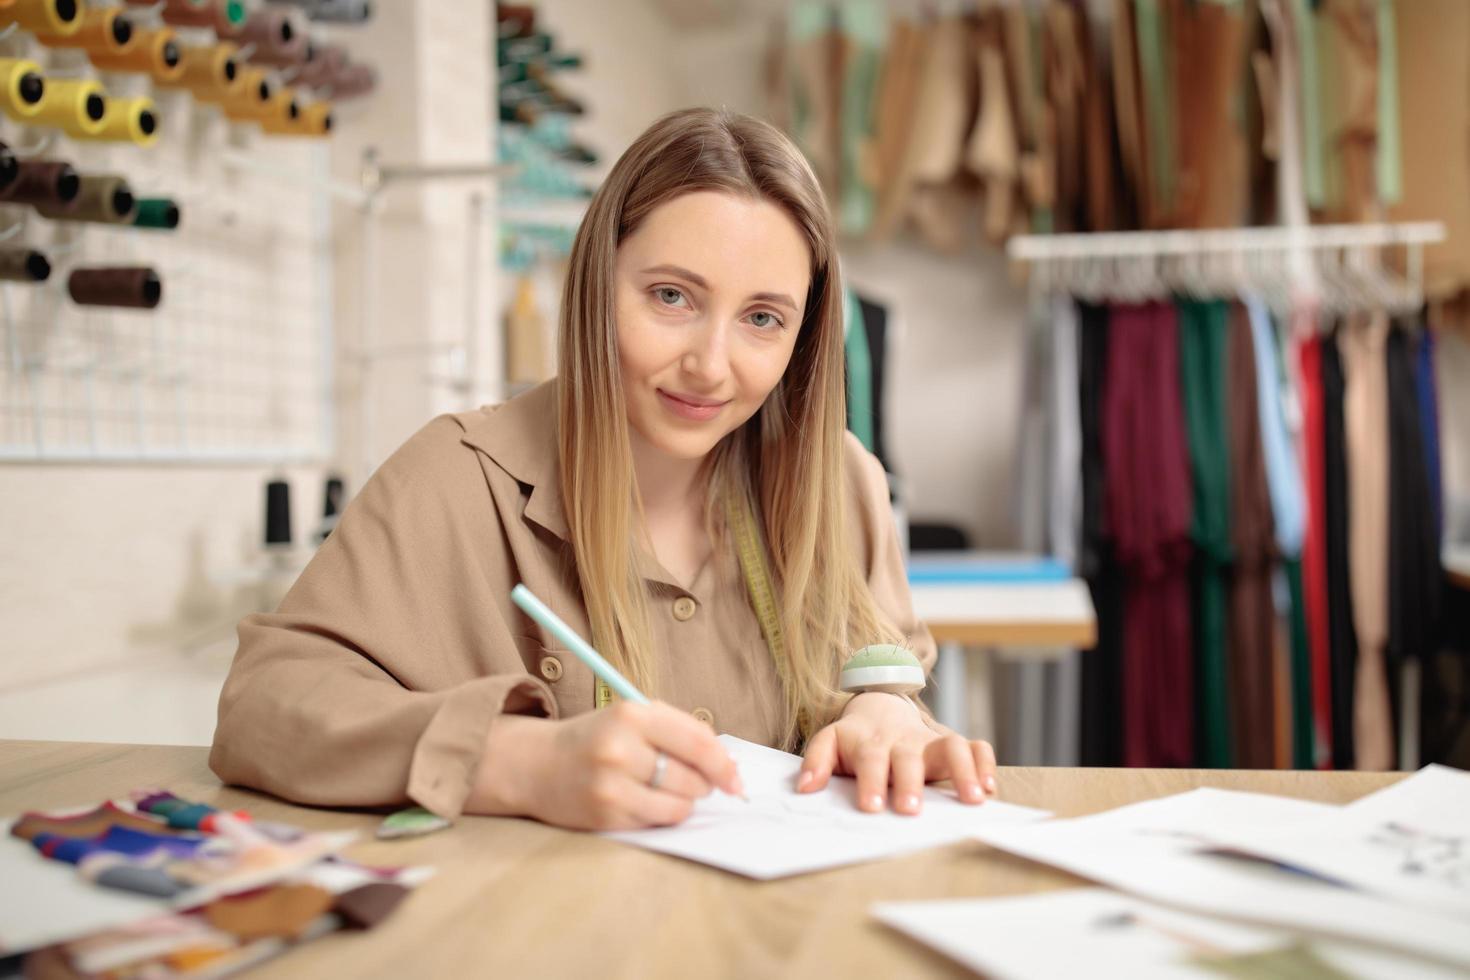 Mujer joven diseñando vestidos de moda y dibujando con lápices de colores varios dibujos de moda coloridos foto